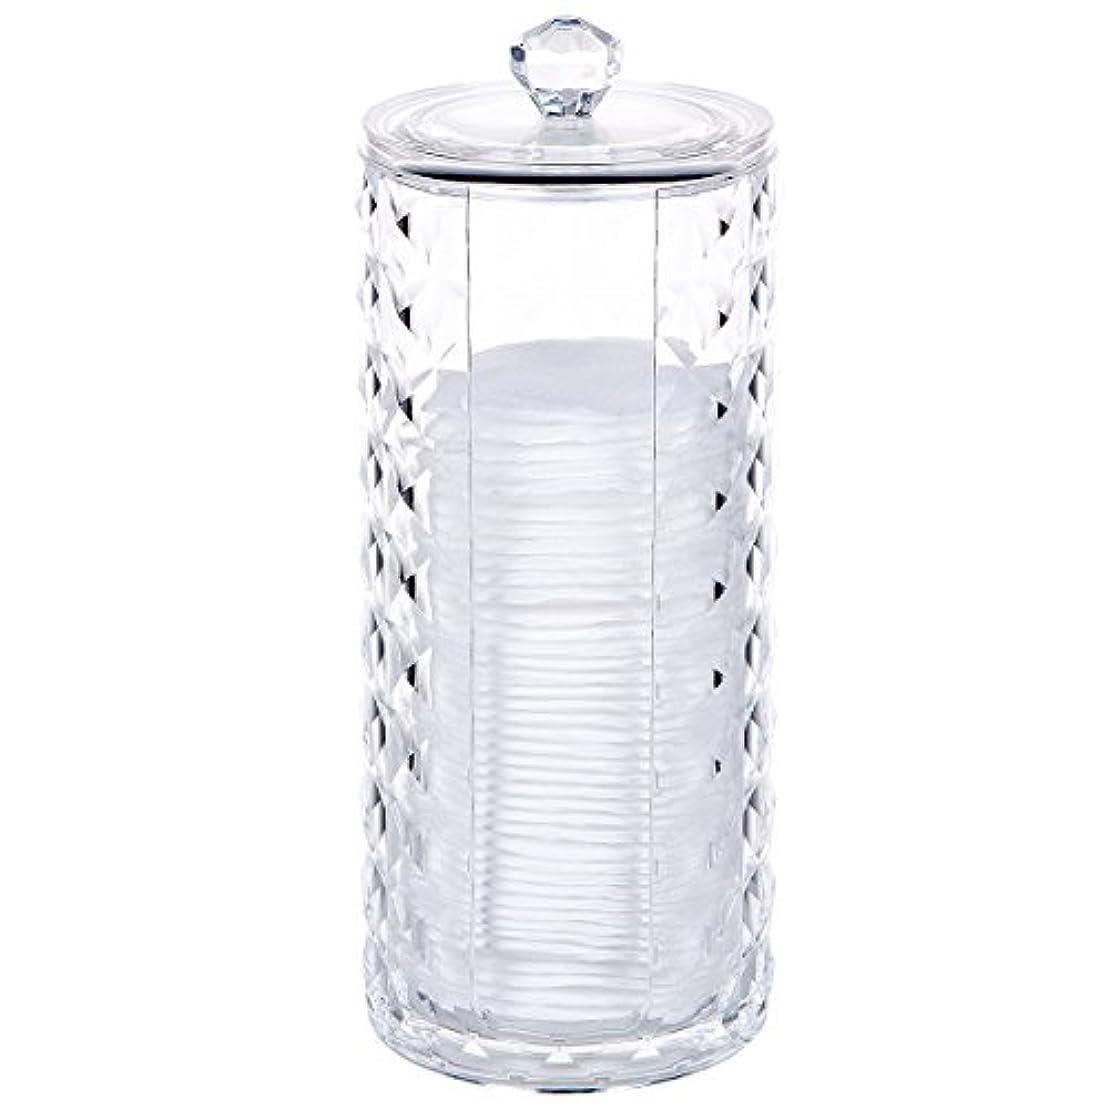 倒錯額傾斜コスメボックス 綿棒収納ボックス アクリル製 ダイヤモンド模様 多功能 コスメ小物用品?化粧品収納ケース 透明 (円形)